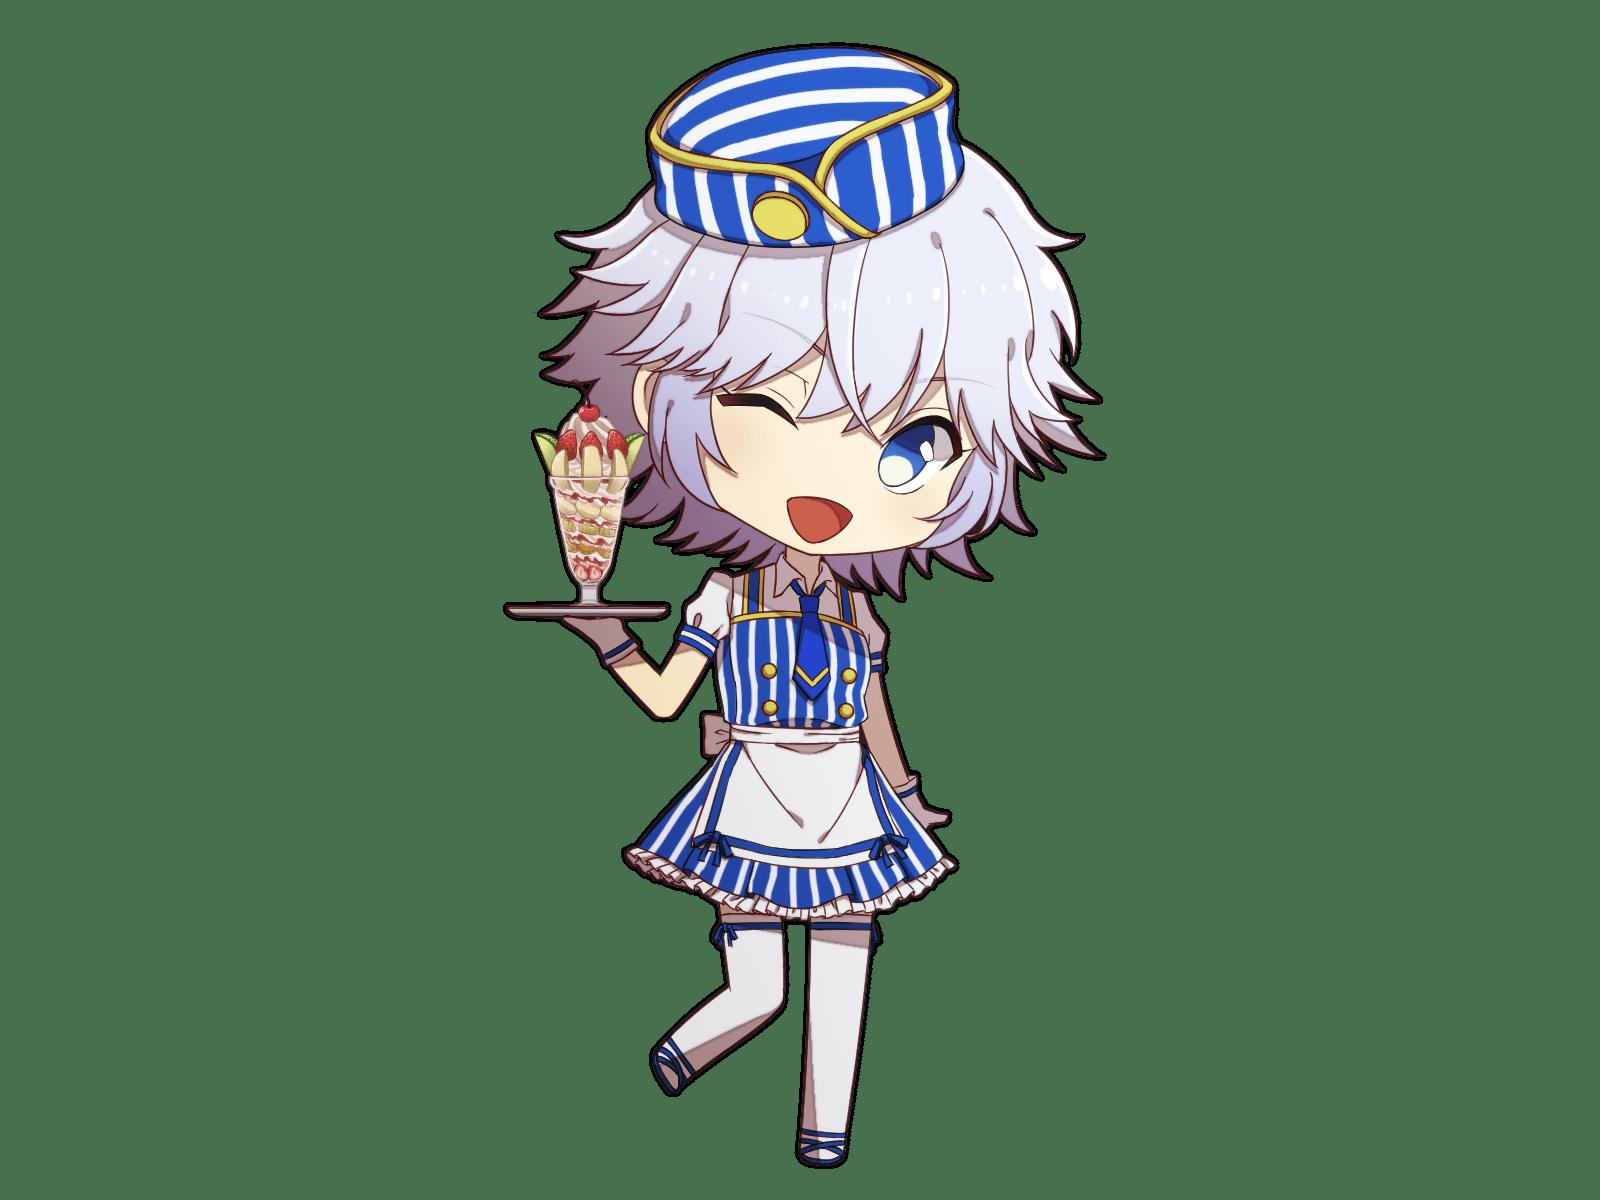 最新アニメランキングと美少女アニメ